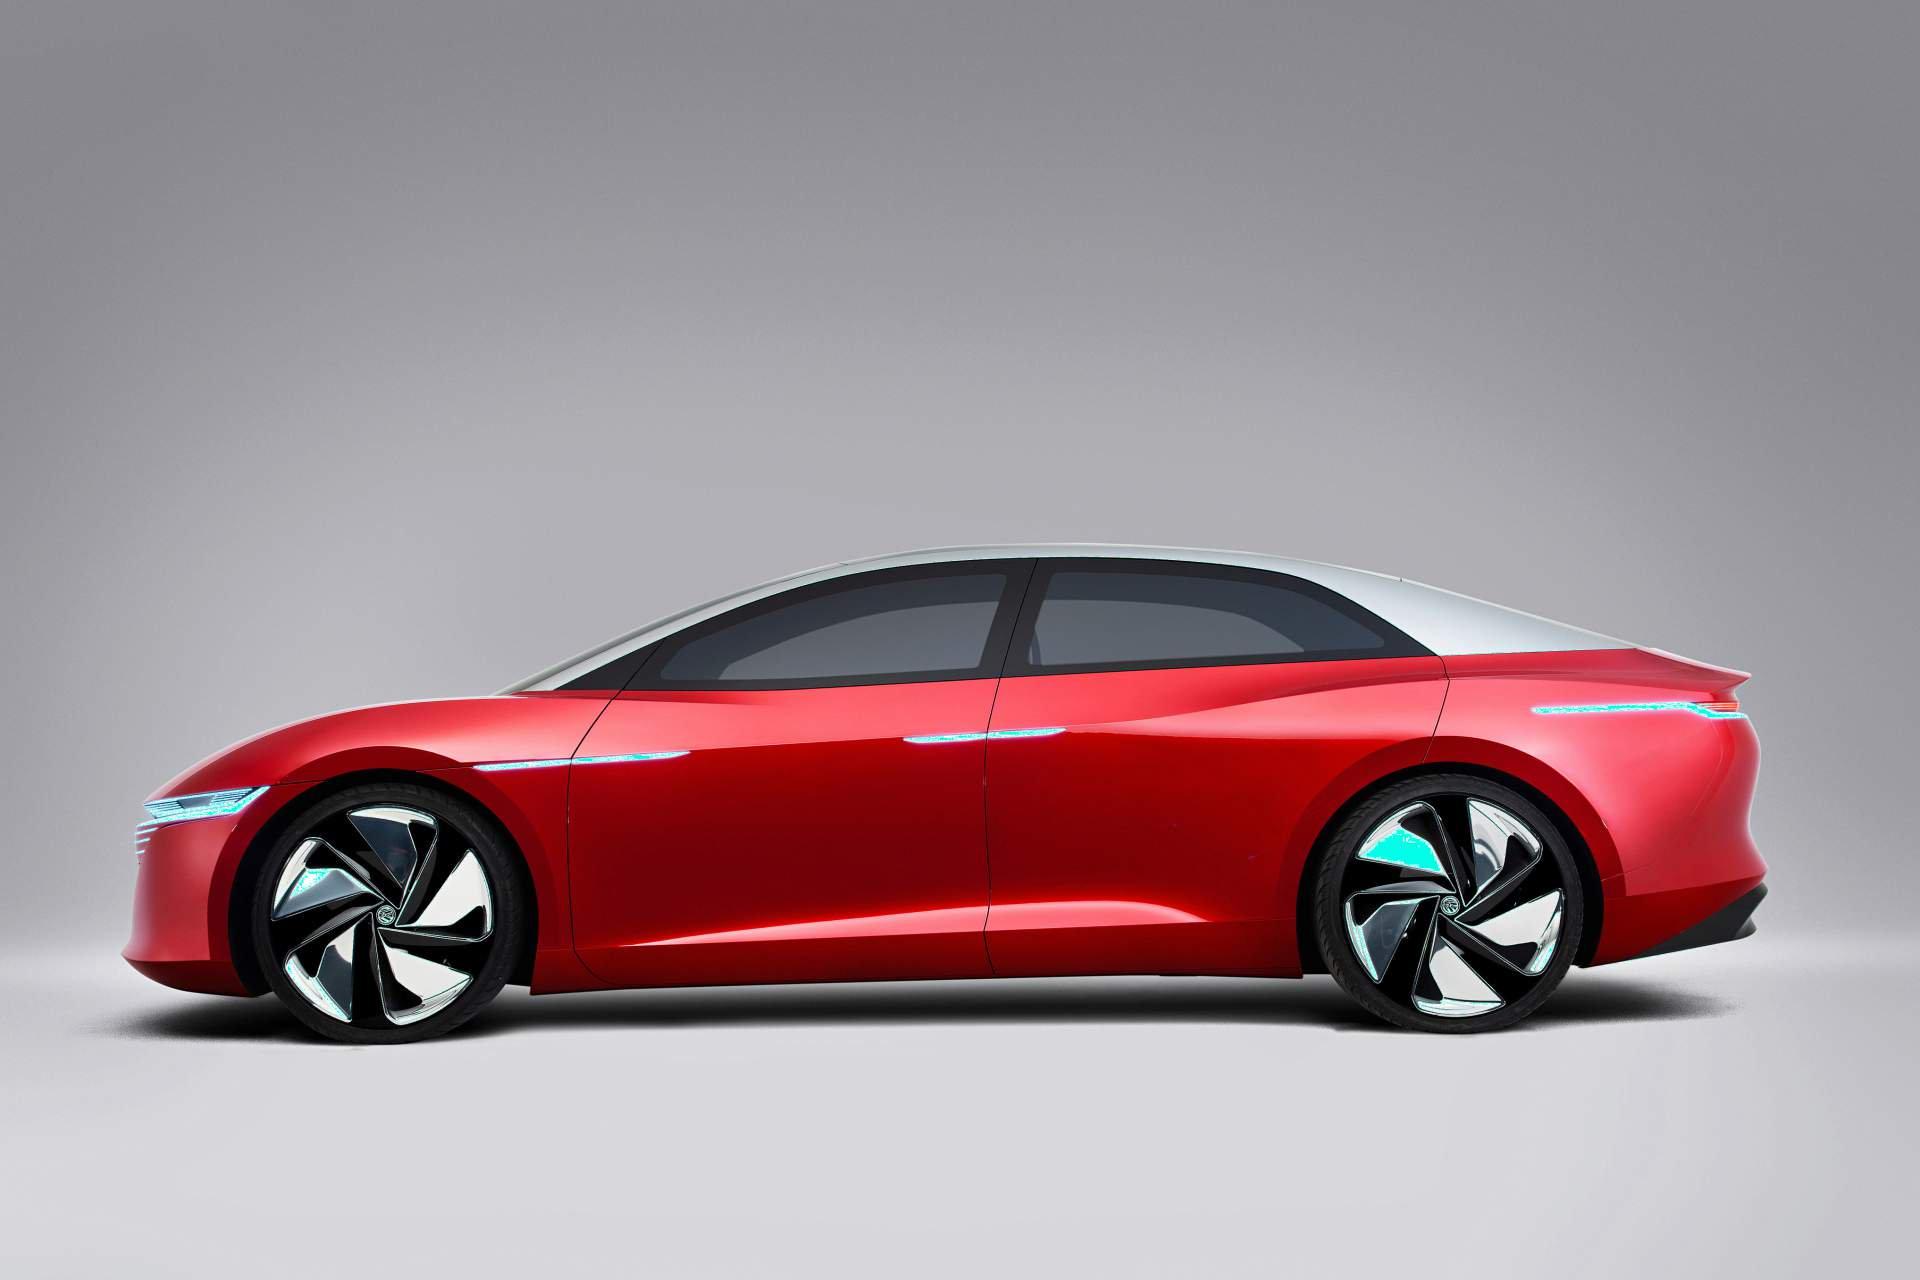 Volkswagen comprou baterias suficientes para fazer 50 milhões de veículos elétricos